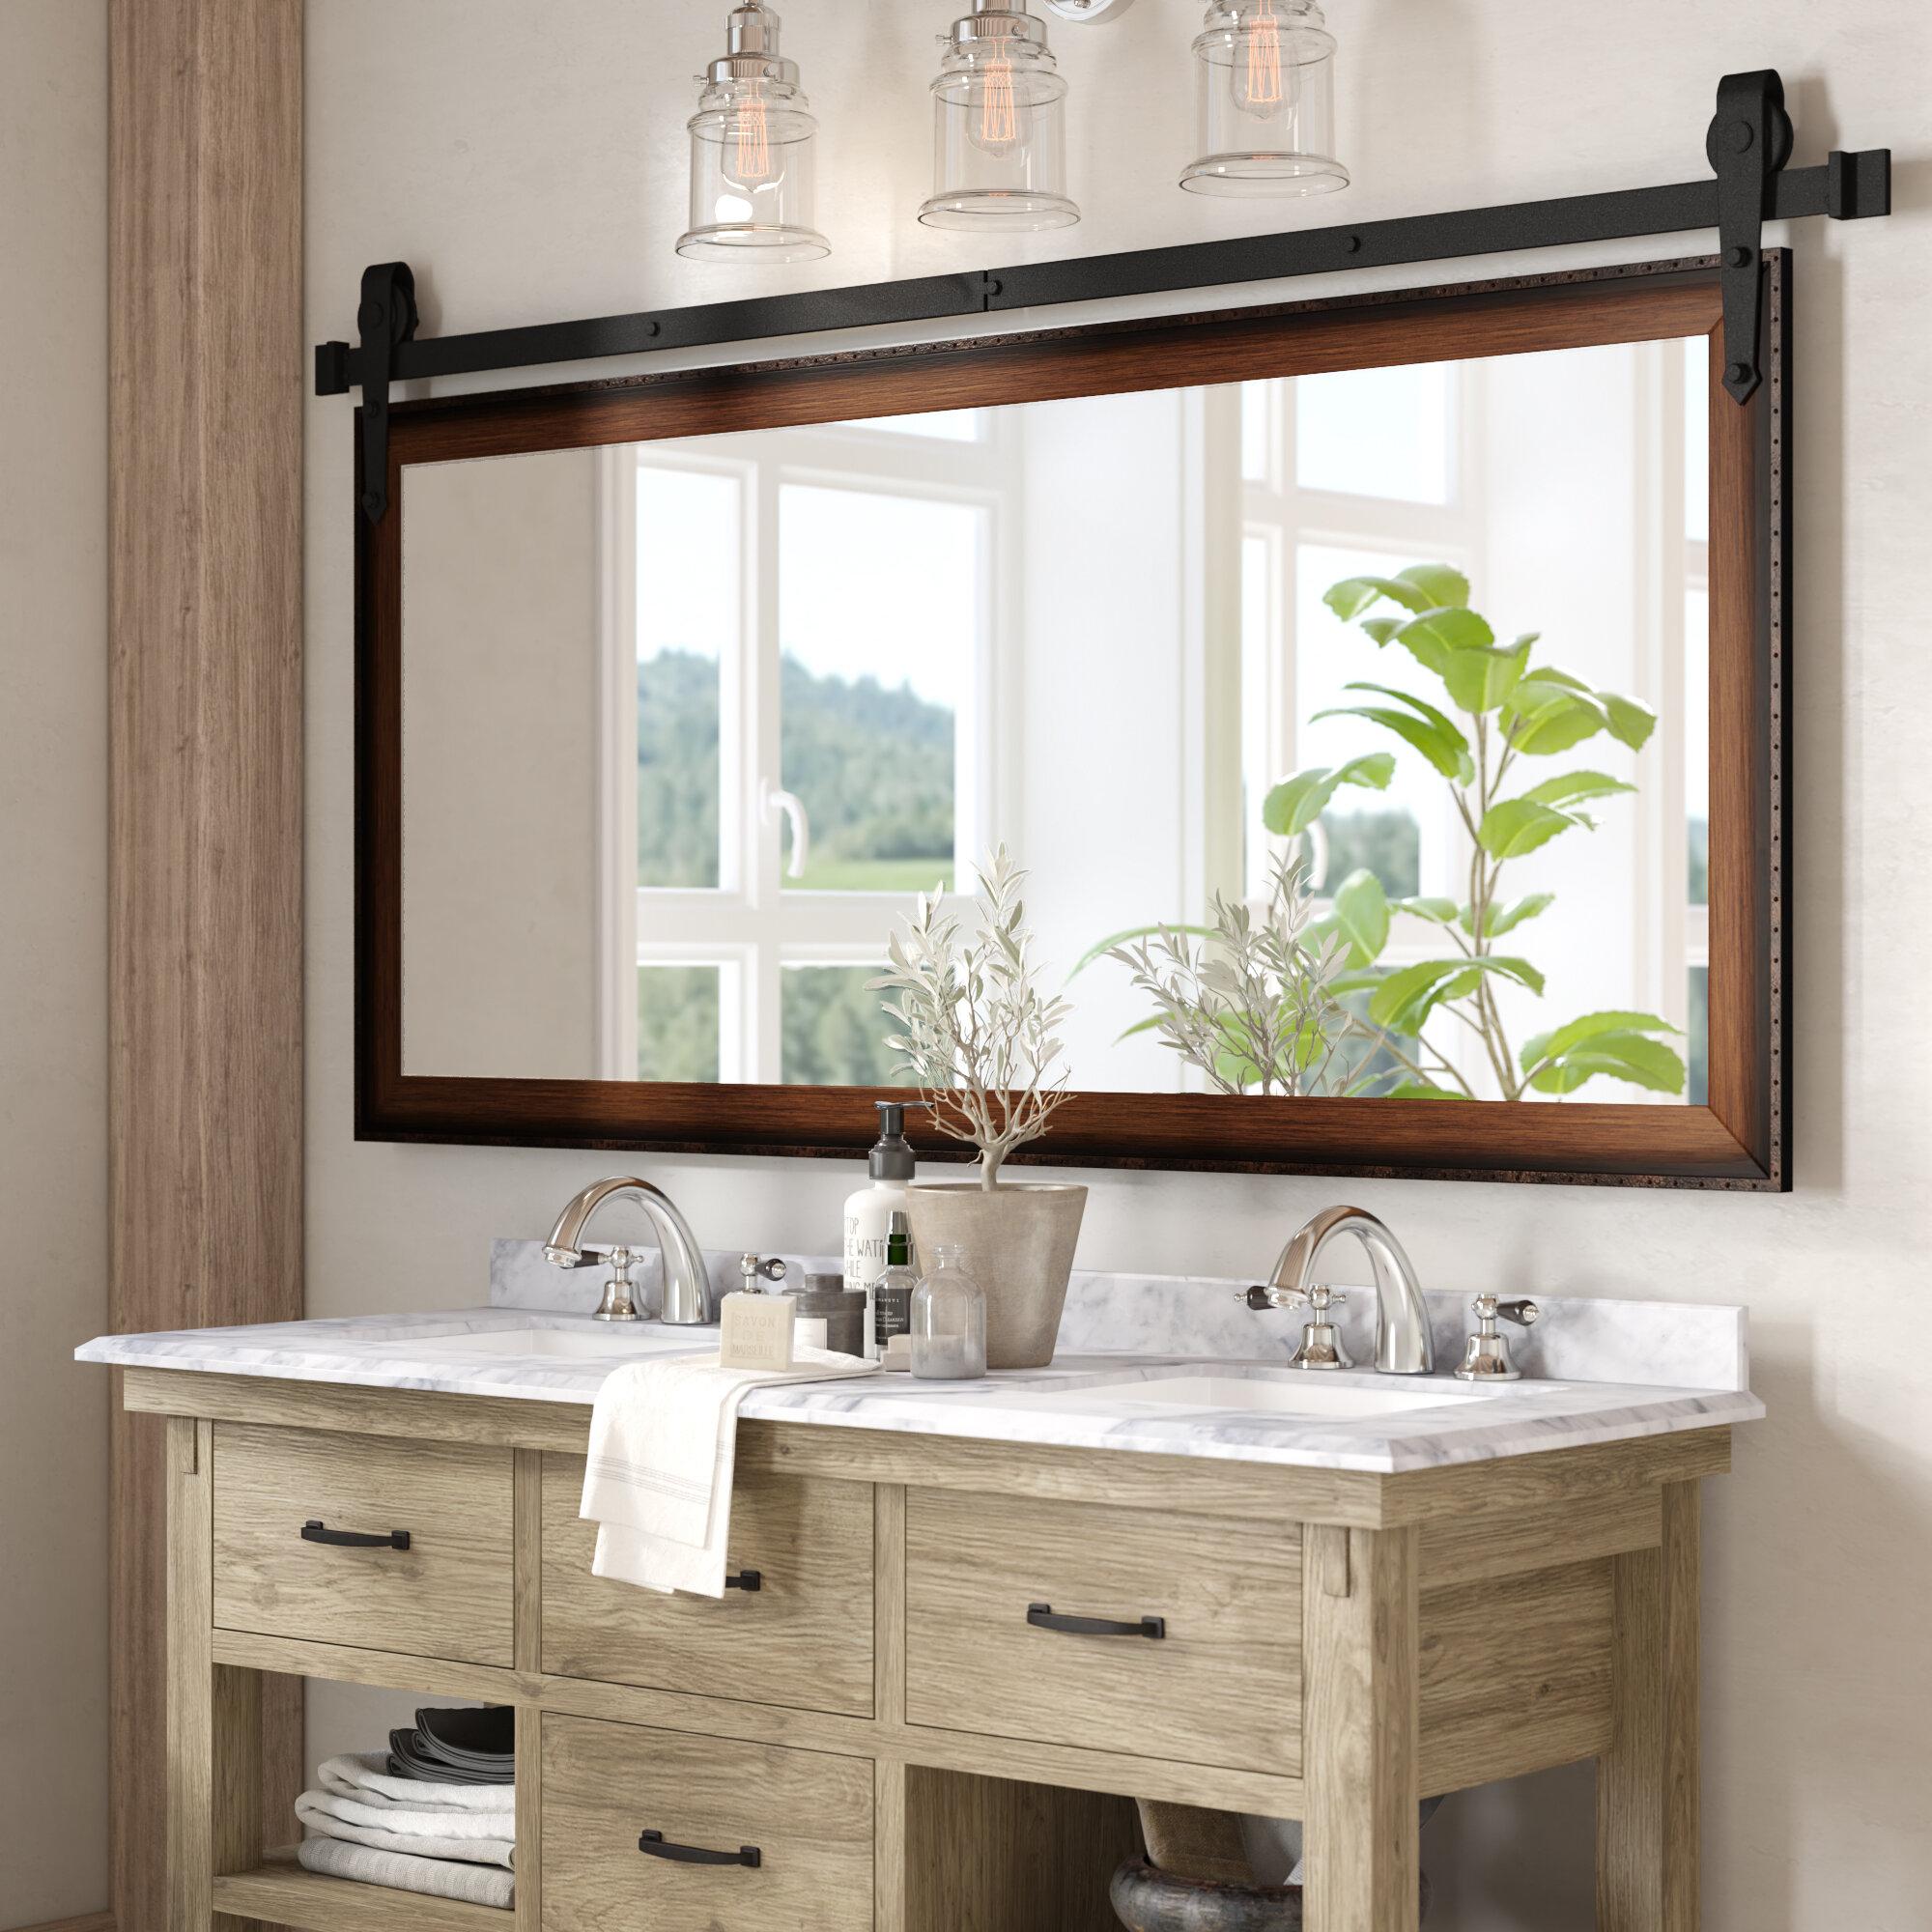 Gracie Oaks Nicholle Bathroom/vanity Mirror & Reviews | Wayfair Inside Landover Rustic Distressed Bathroom/vanity Mirrors (Image 7 of 20)